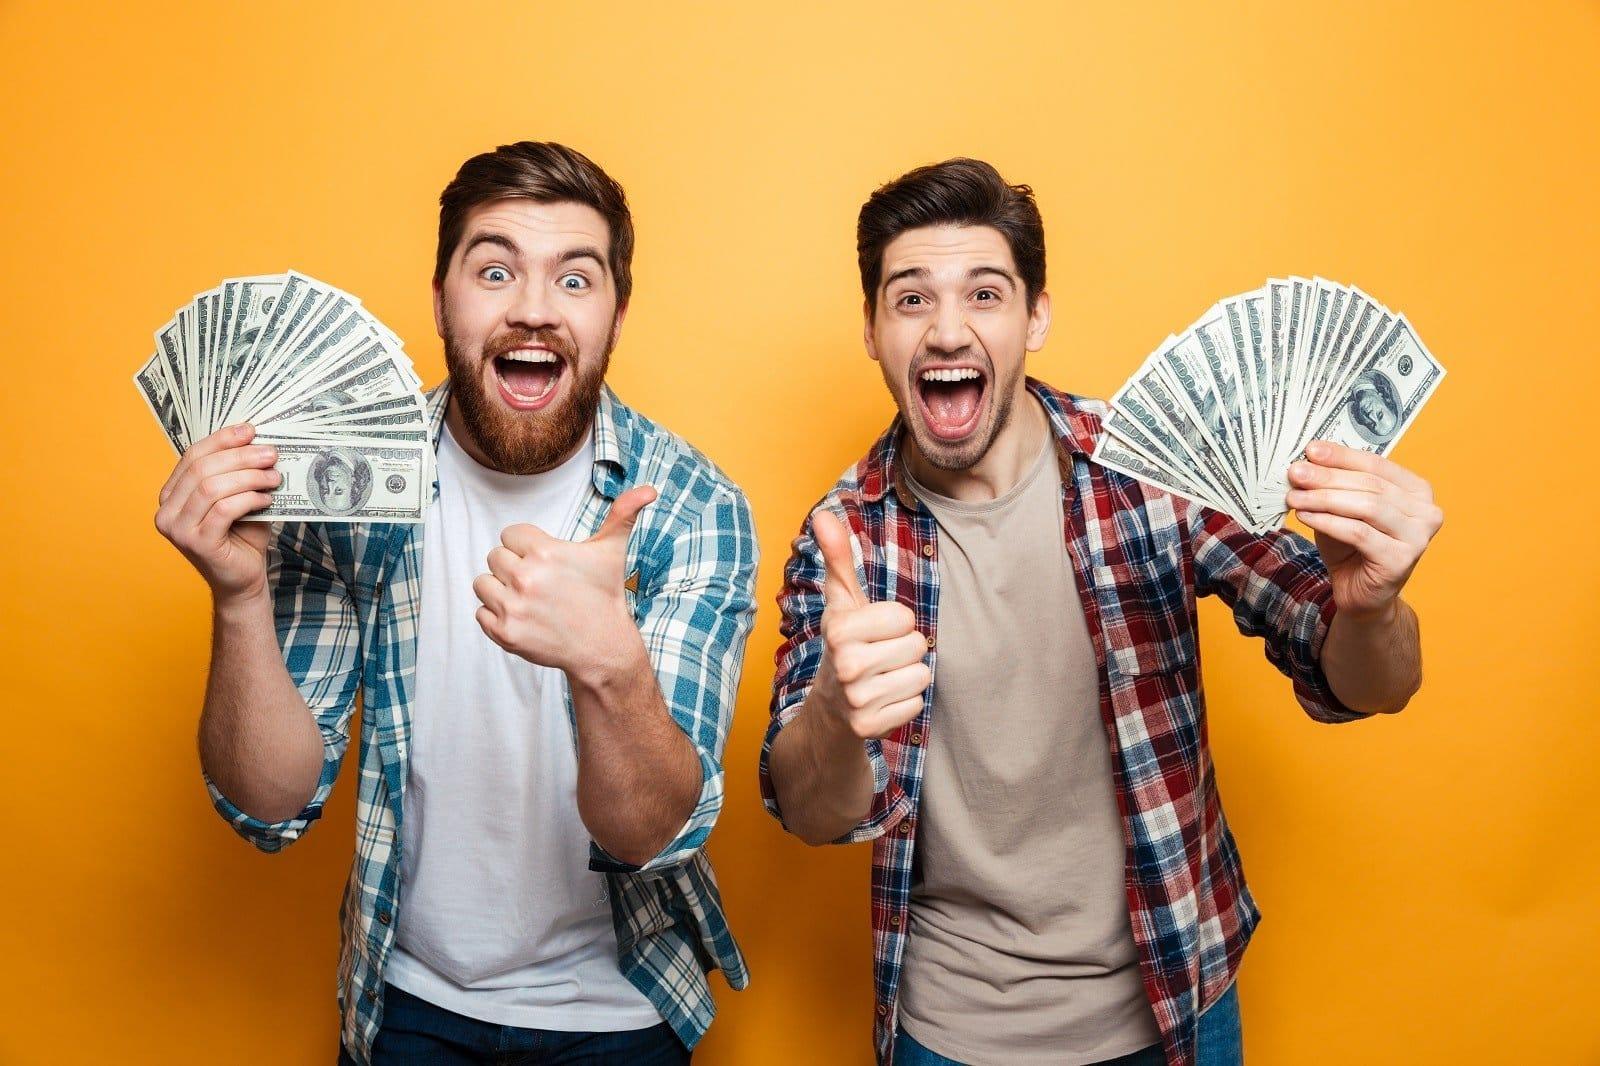 2 männer mit 2 geldfächern